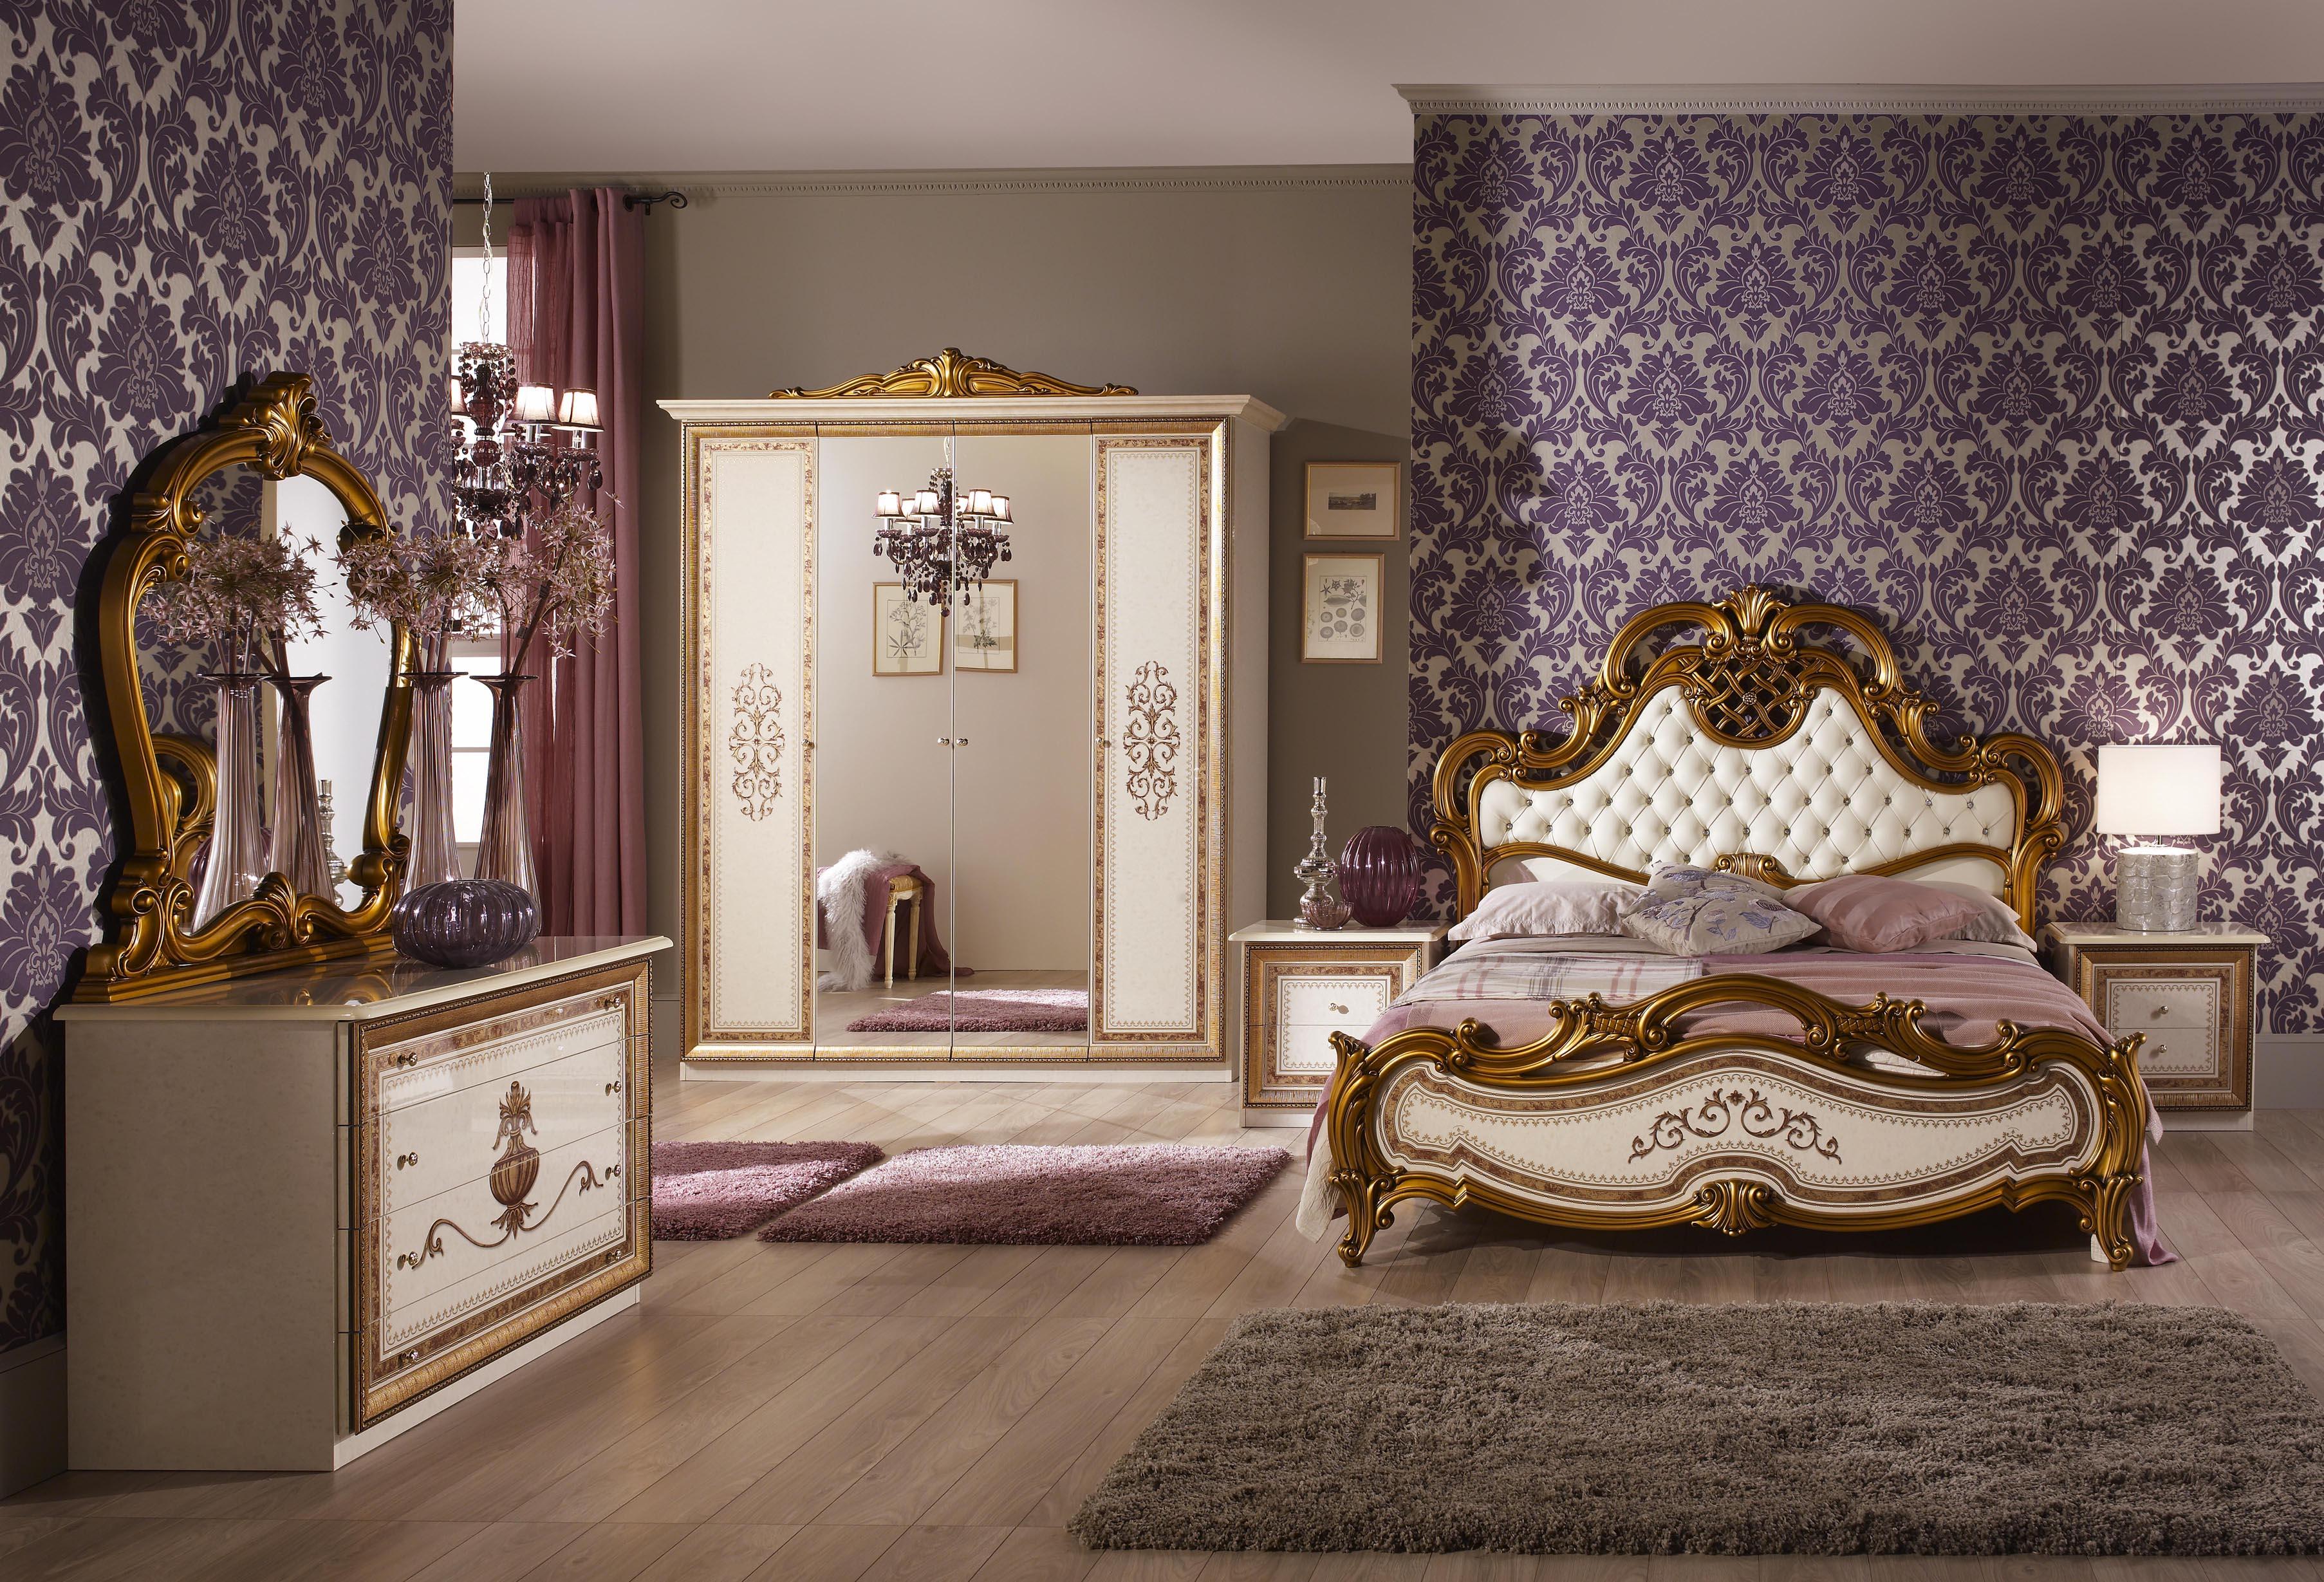 italienisch schlafzimmer – abomaheber